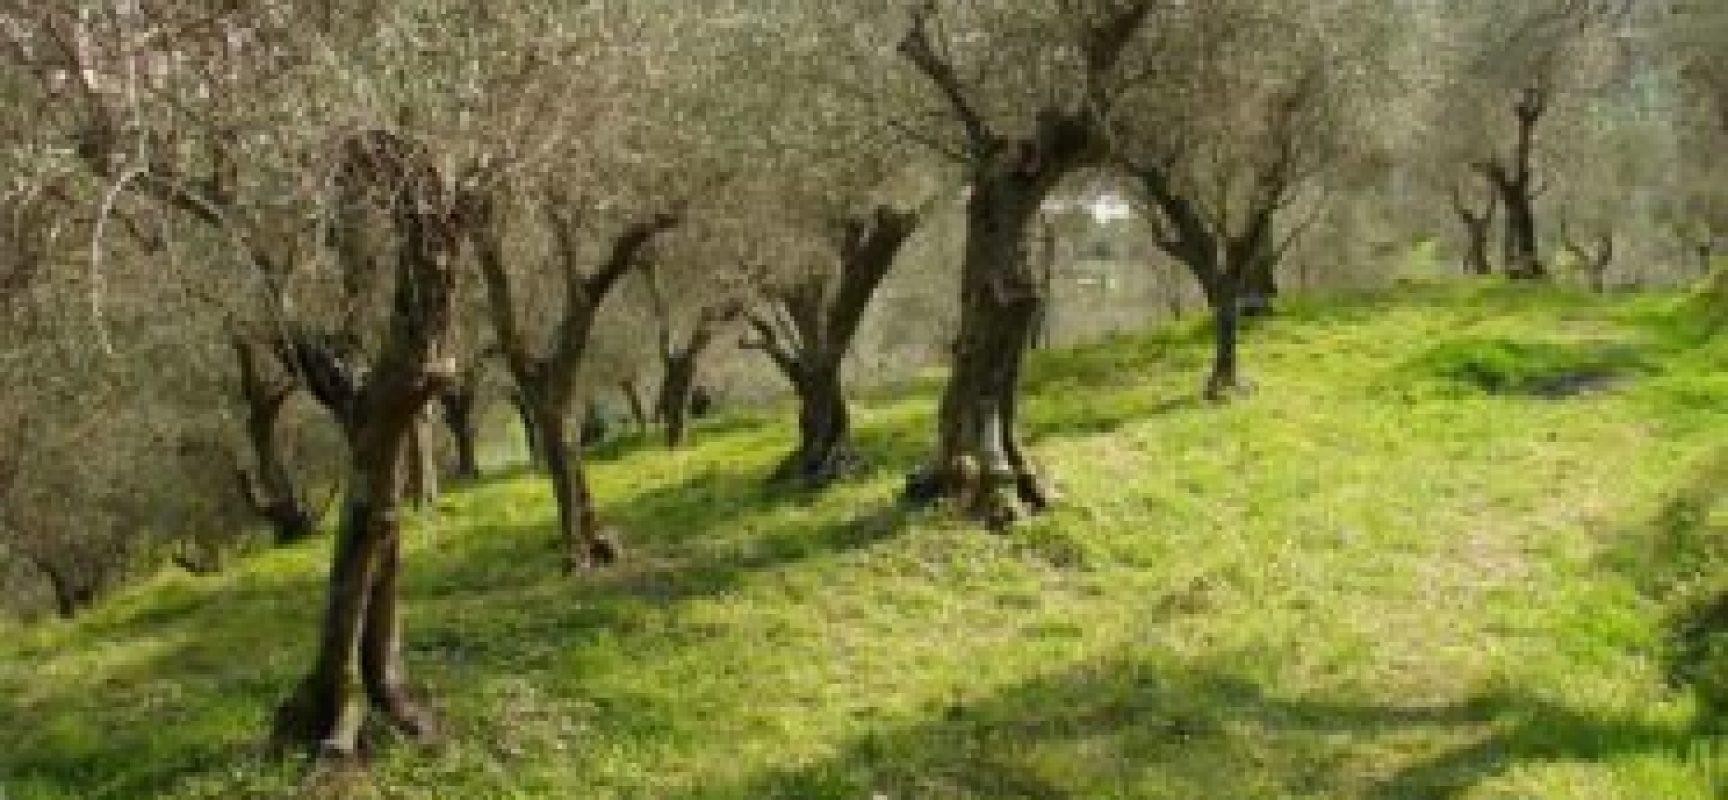 Strade scivolose: maxi multe per i proprietari degli oliveti